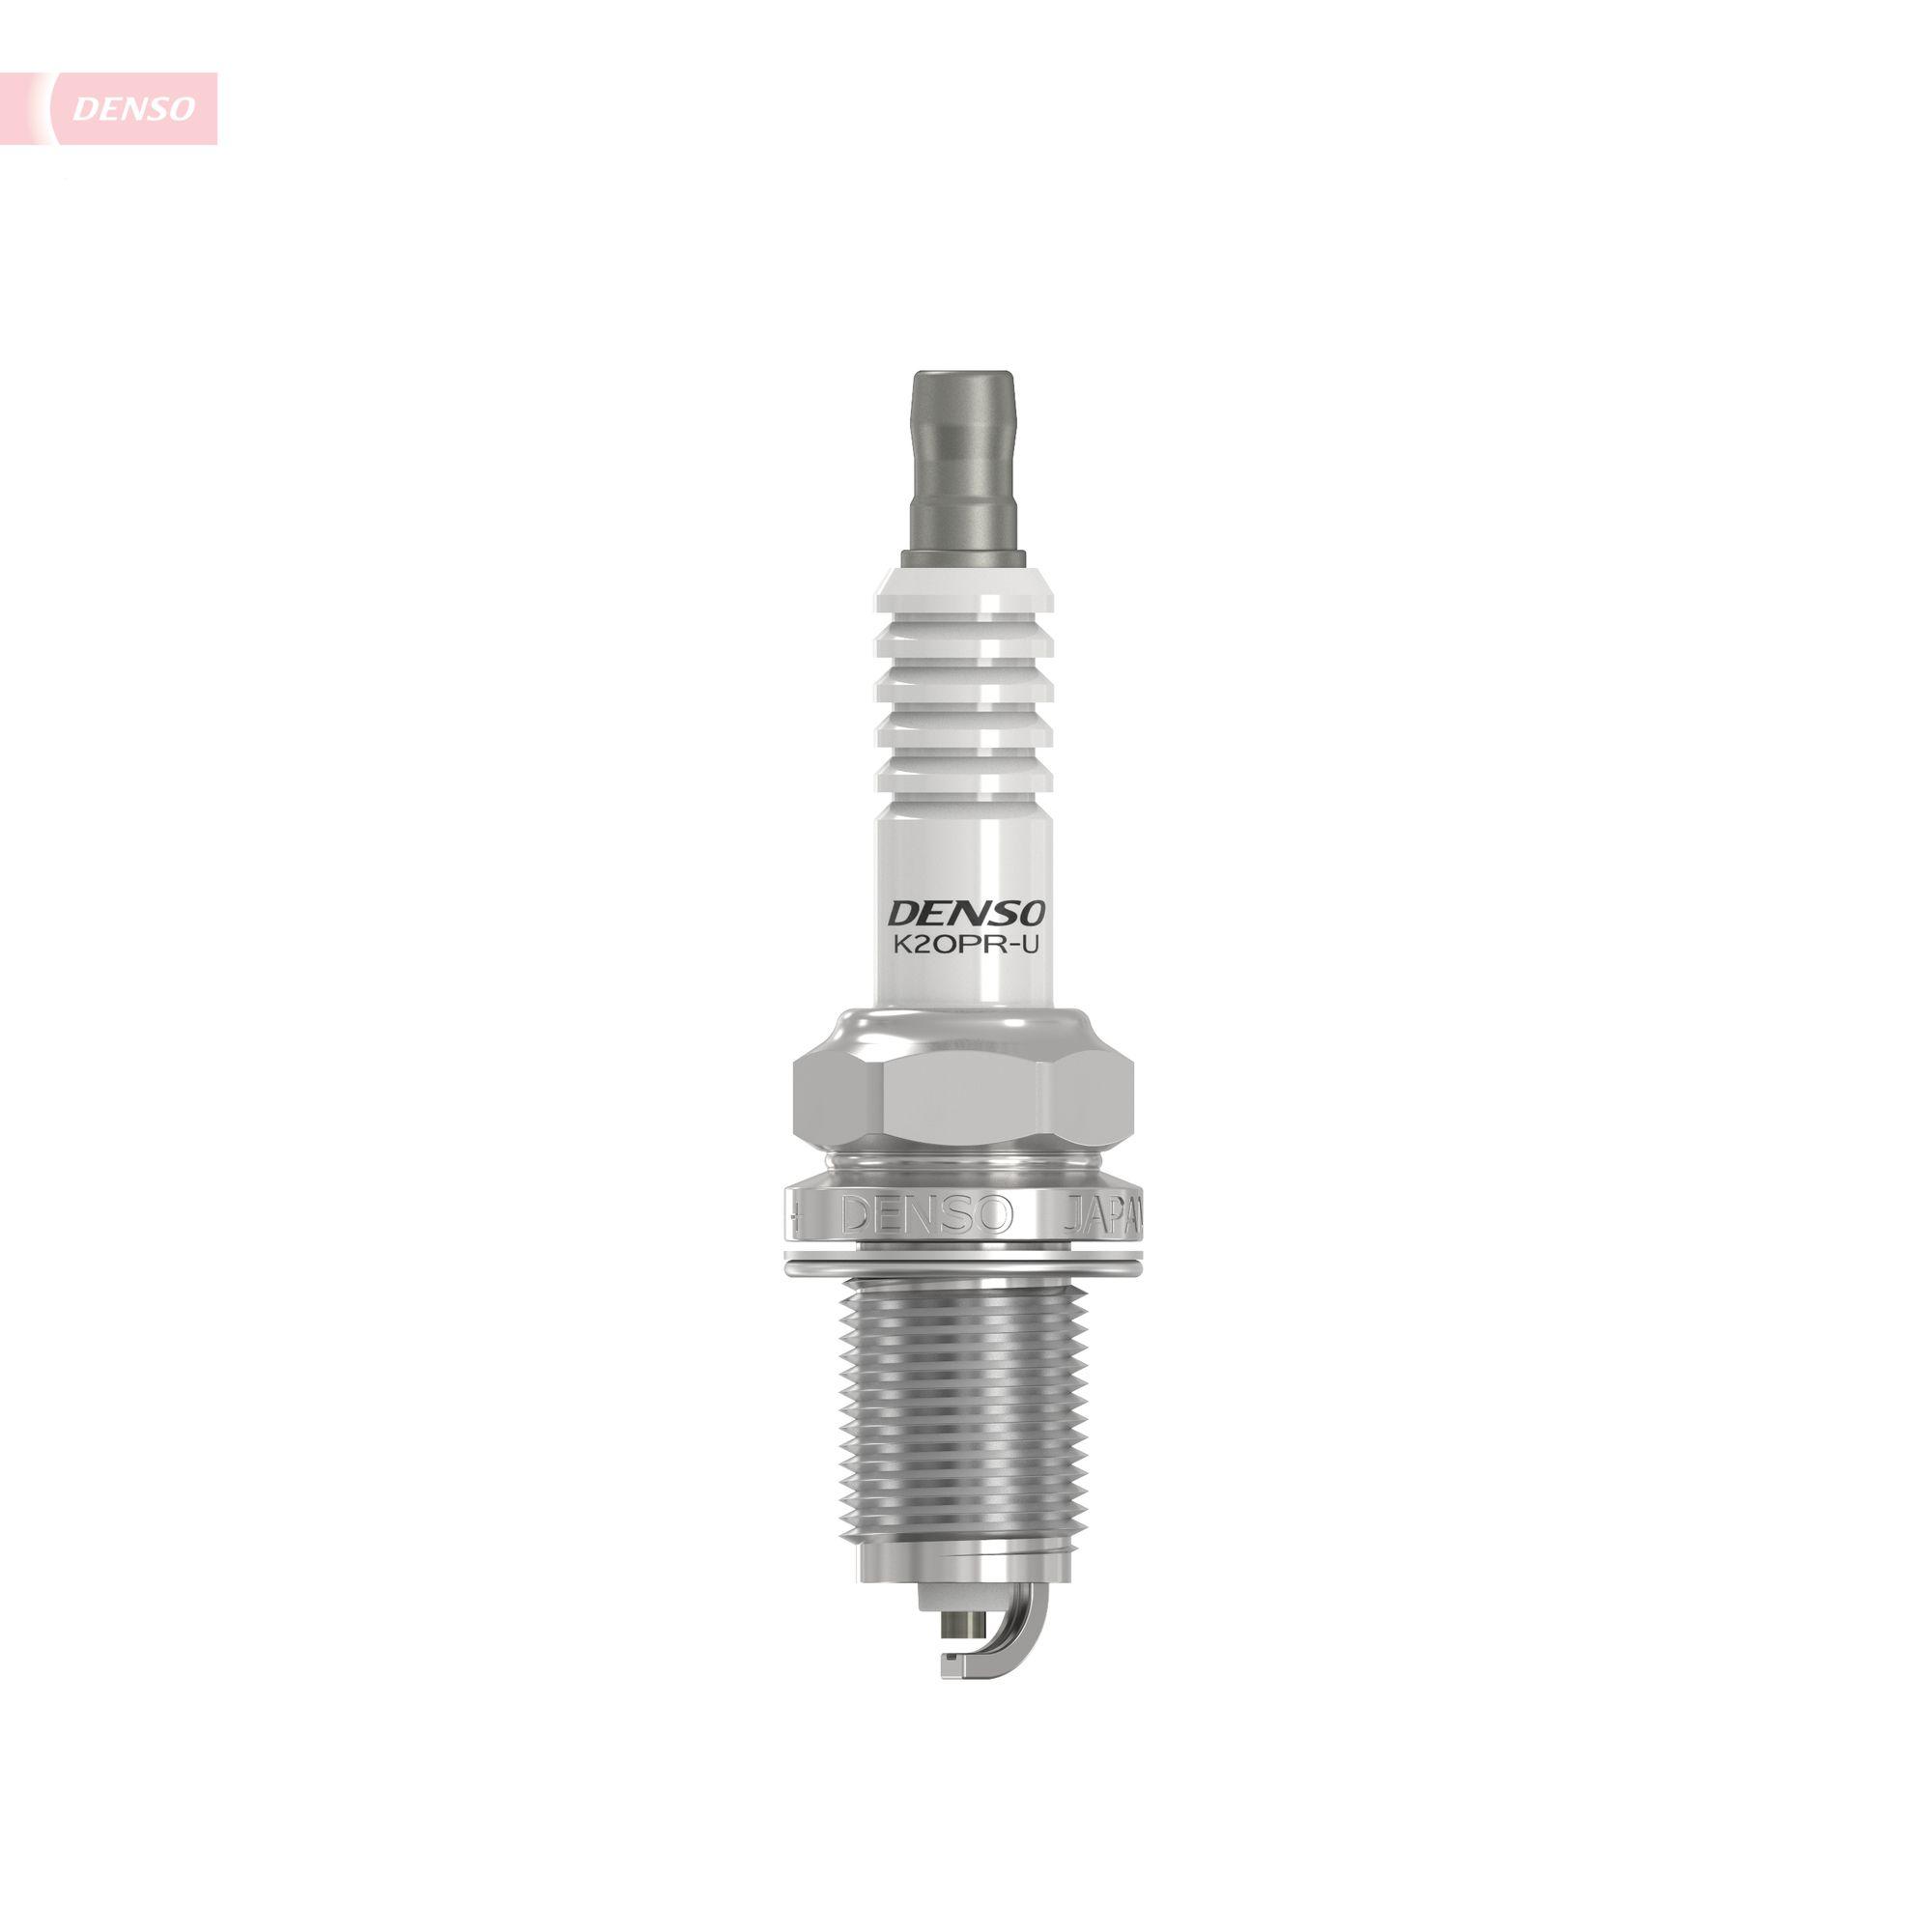 Μπουζί DENSO K20PR-U 042511031456